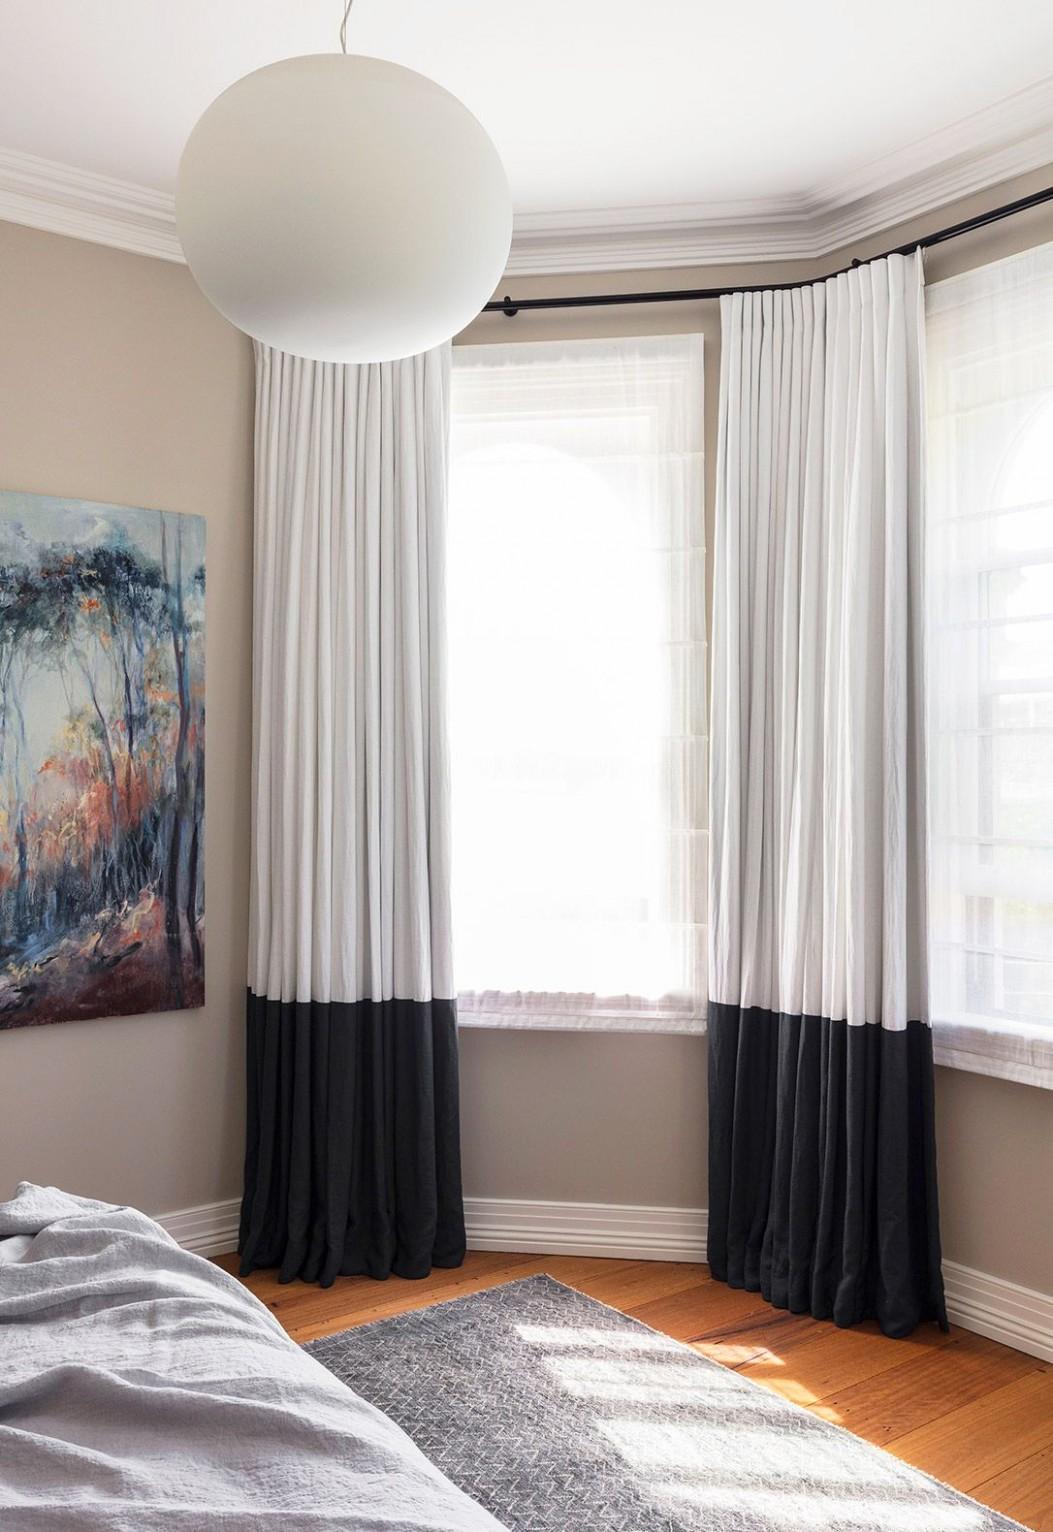 9 Best Window Treatment Ideas - Window Coverings, Curtains, & Blinds - Window Treatment Ideas For Bedroom